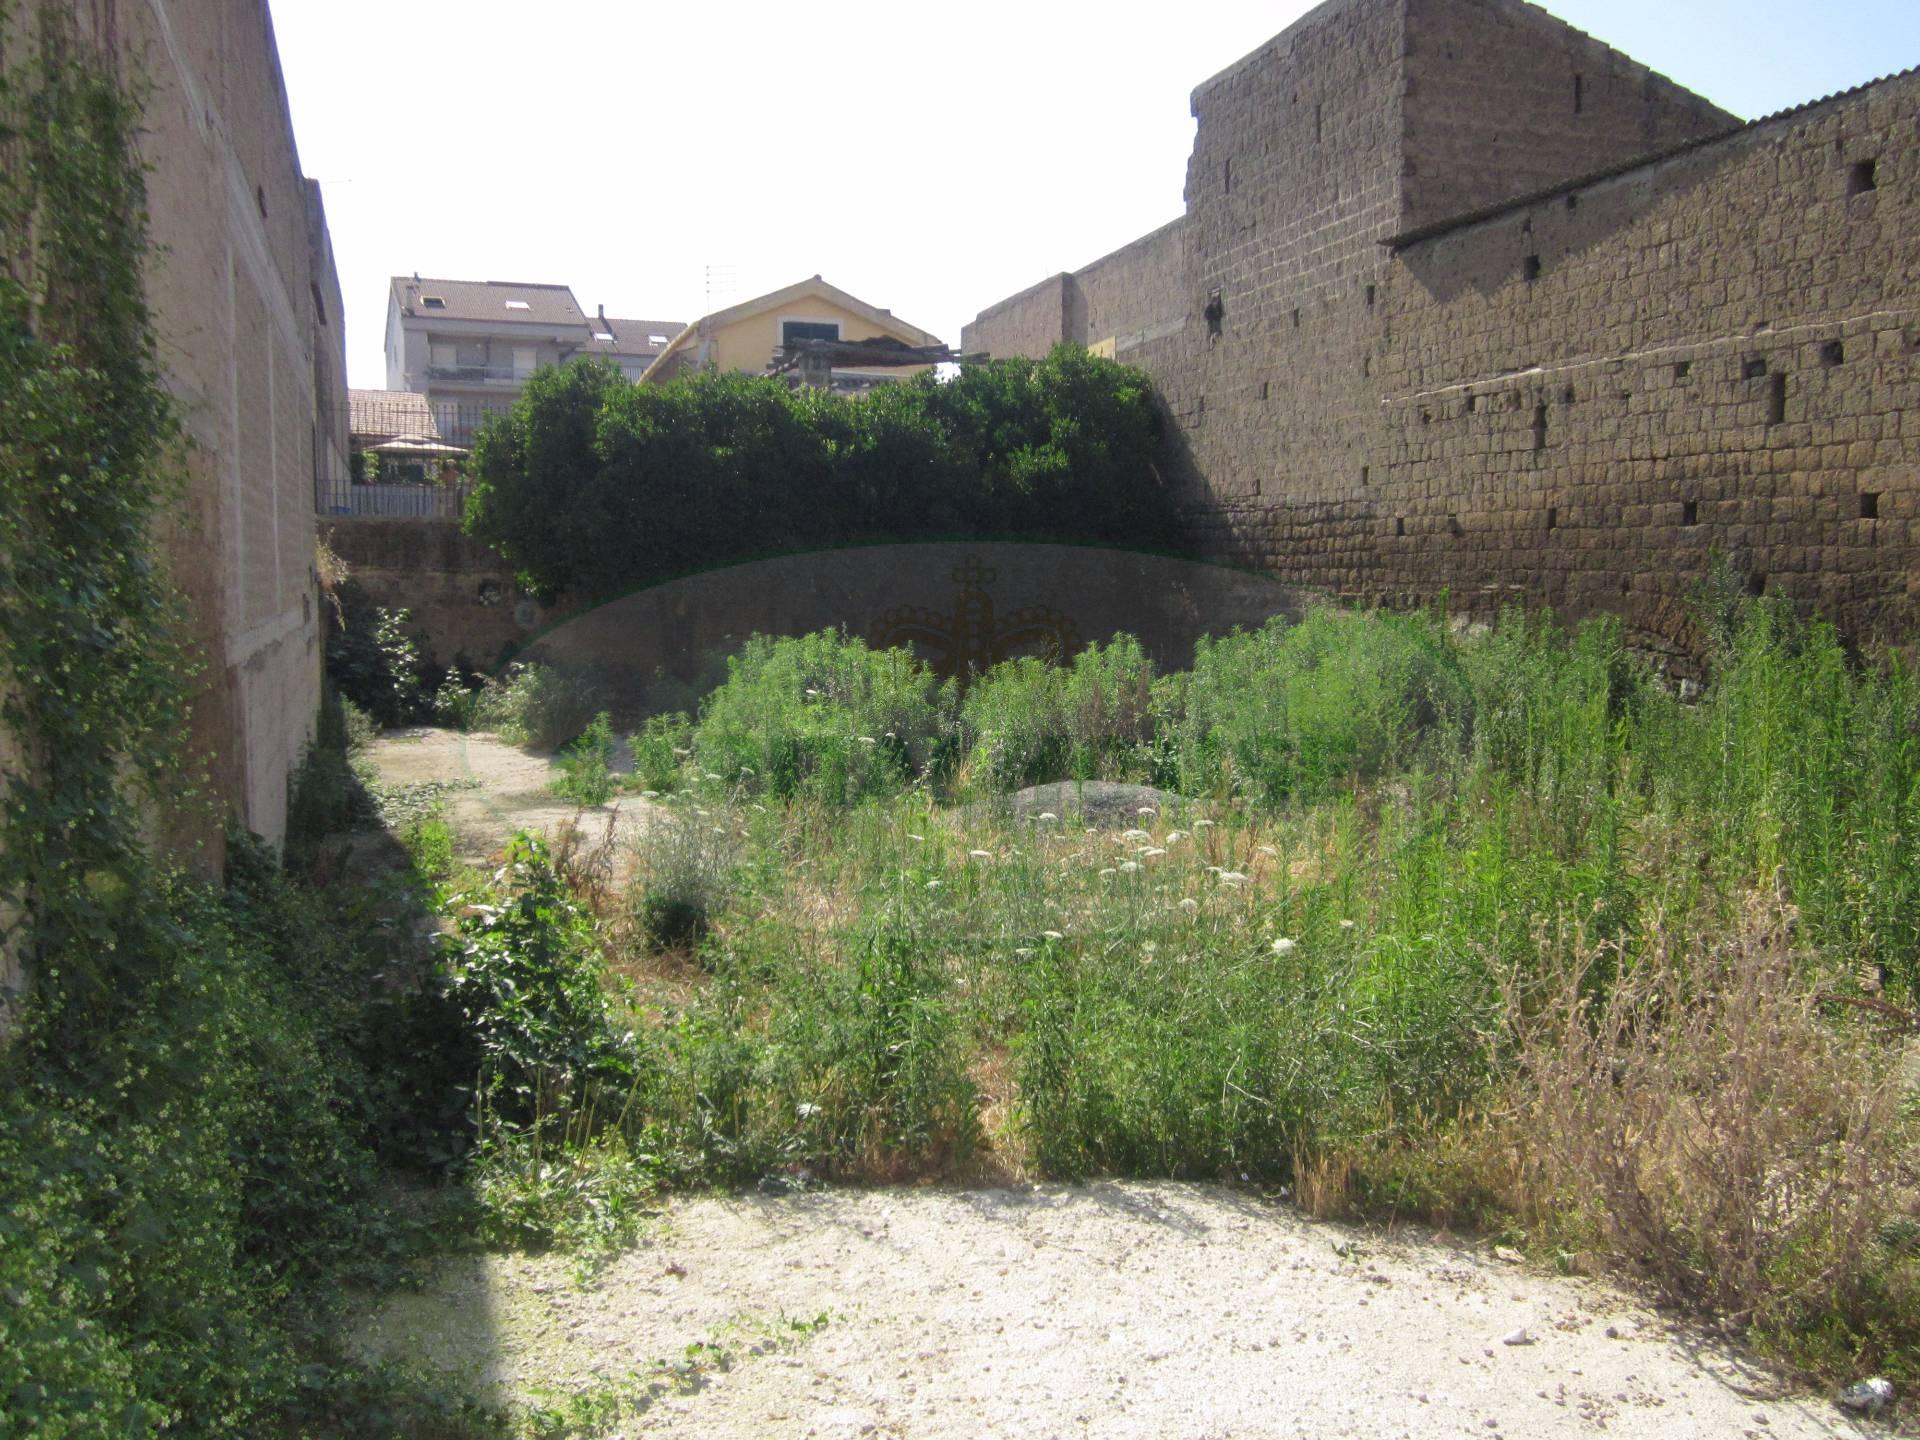 Terreno Edificabile Residenziale in vendita a San Nicola la Strada, 9999 locali, zona Località: CentroMunicipio, prezzo € 95.000 | CambioCasa.it